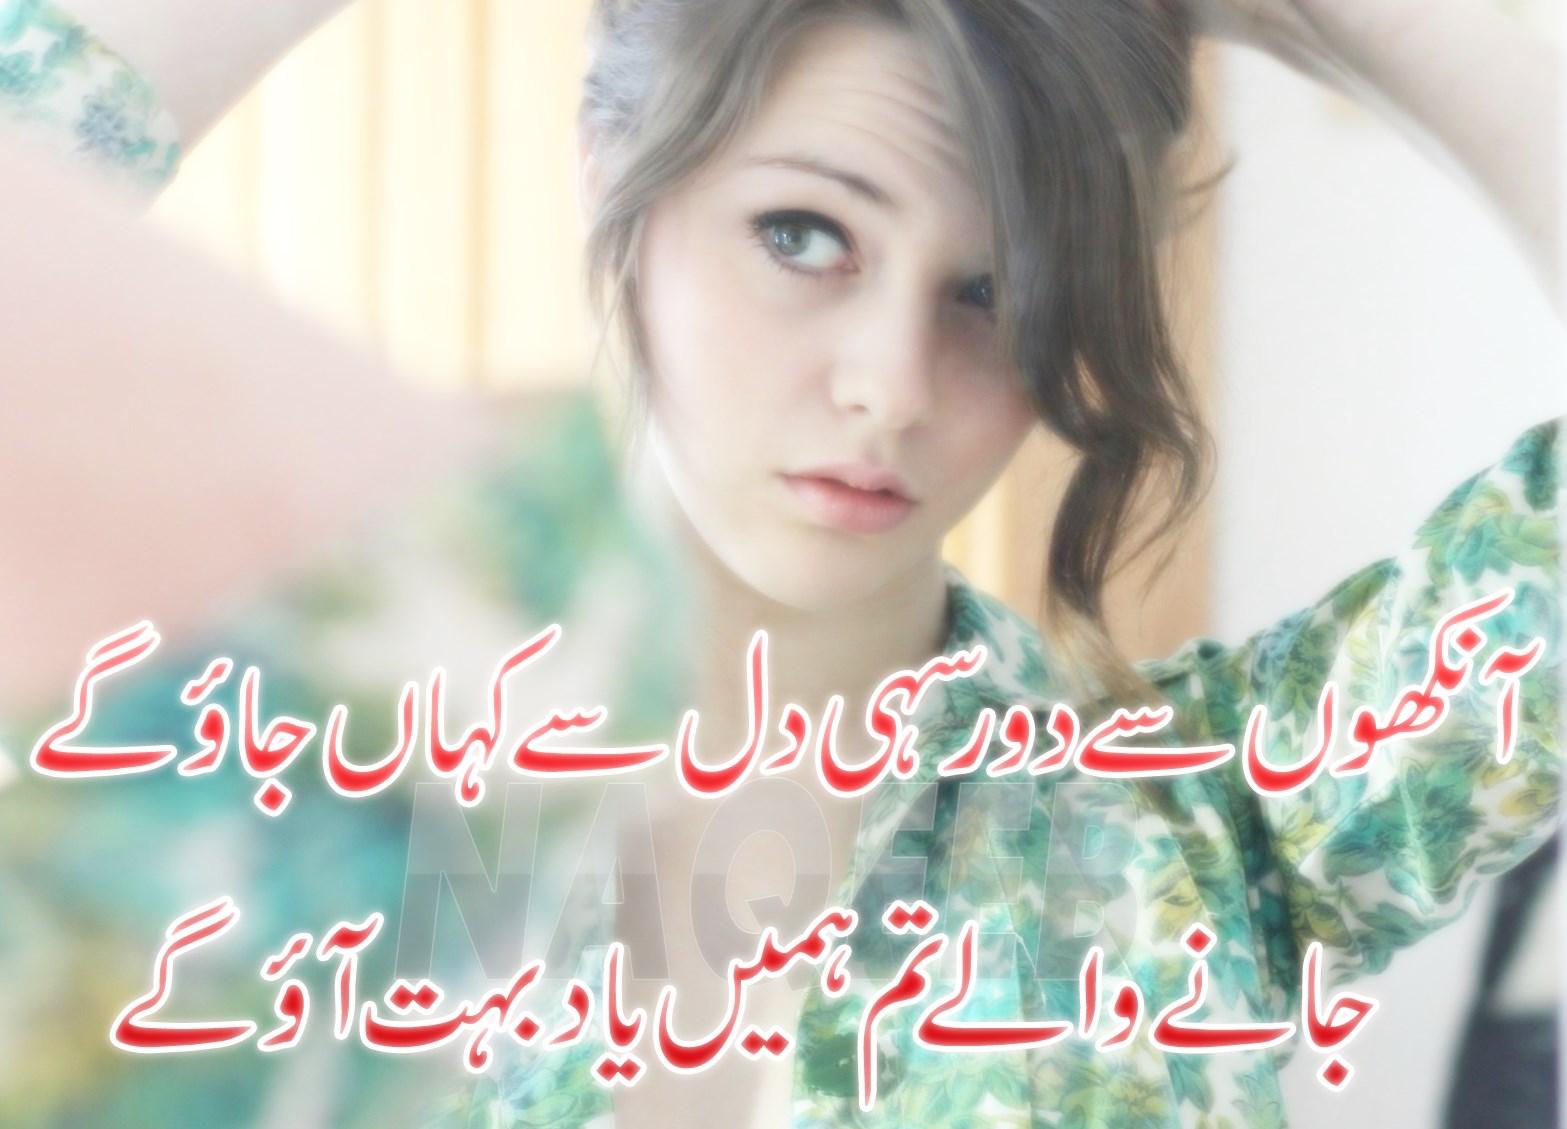 Aankhein Urdu Poetry For Beautiful Eyes   Best Urdu Poetry ...